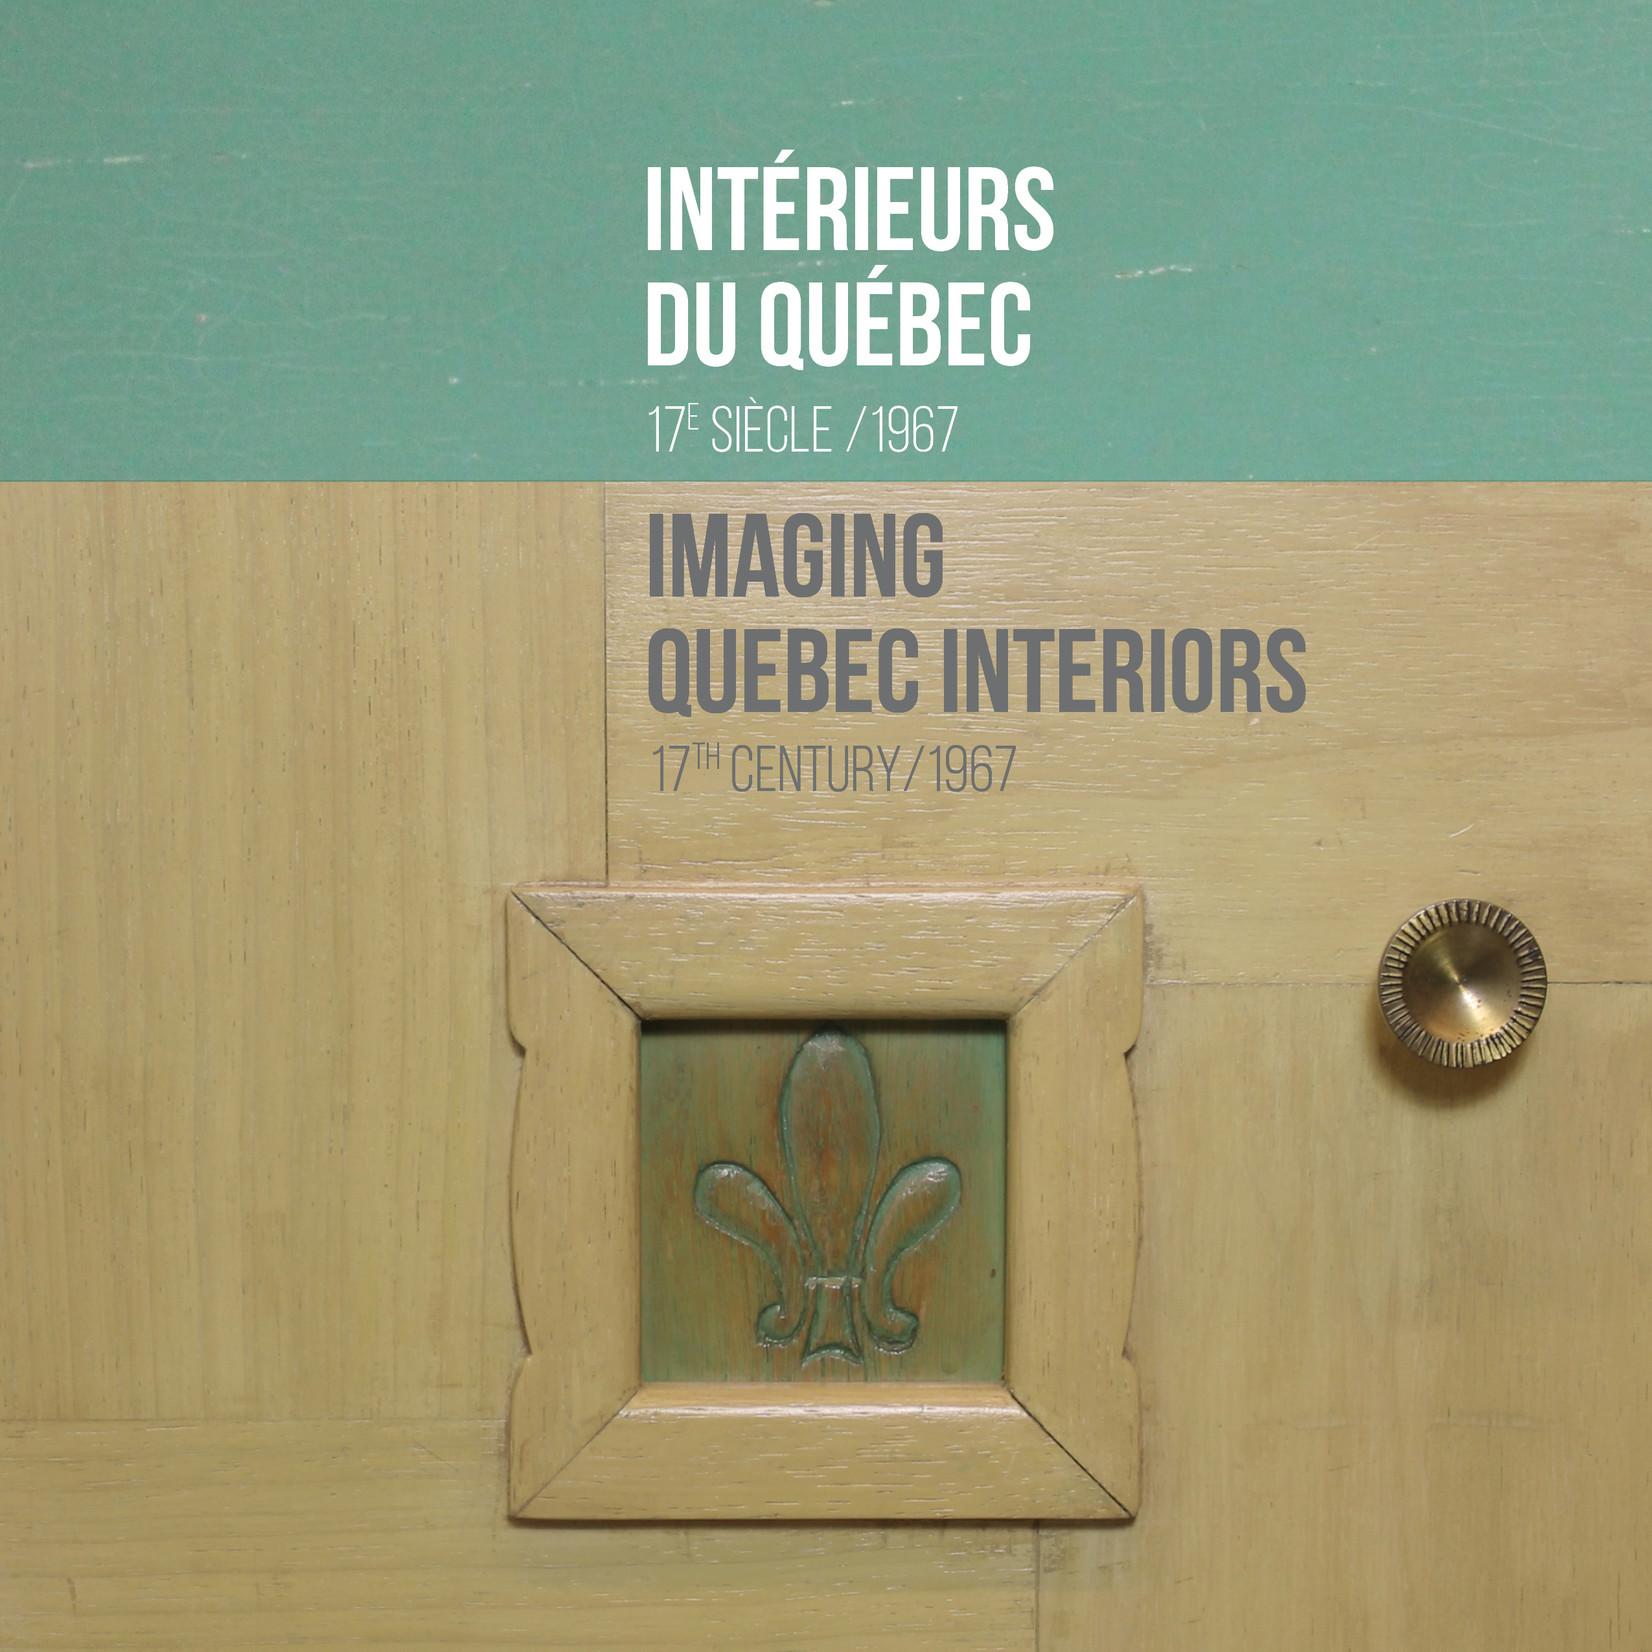 Intérieurs du Québec - 17e siècle / 1967